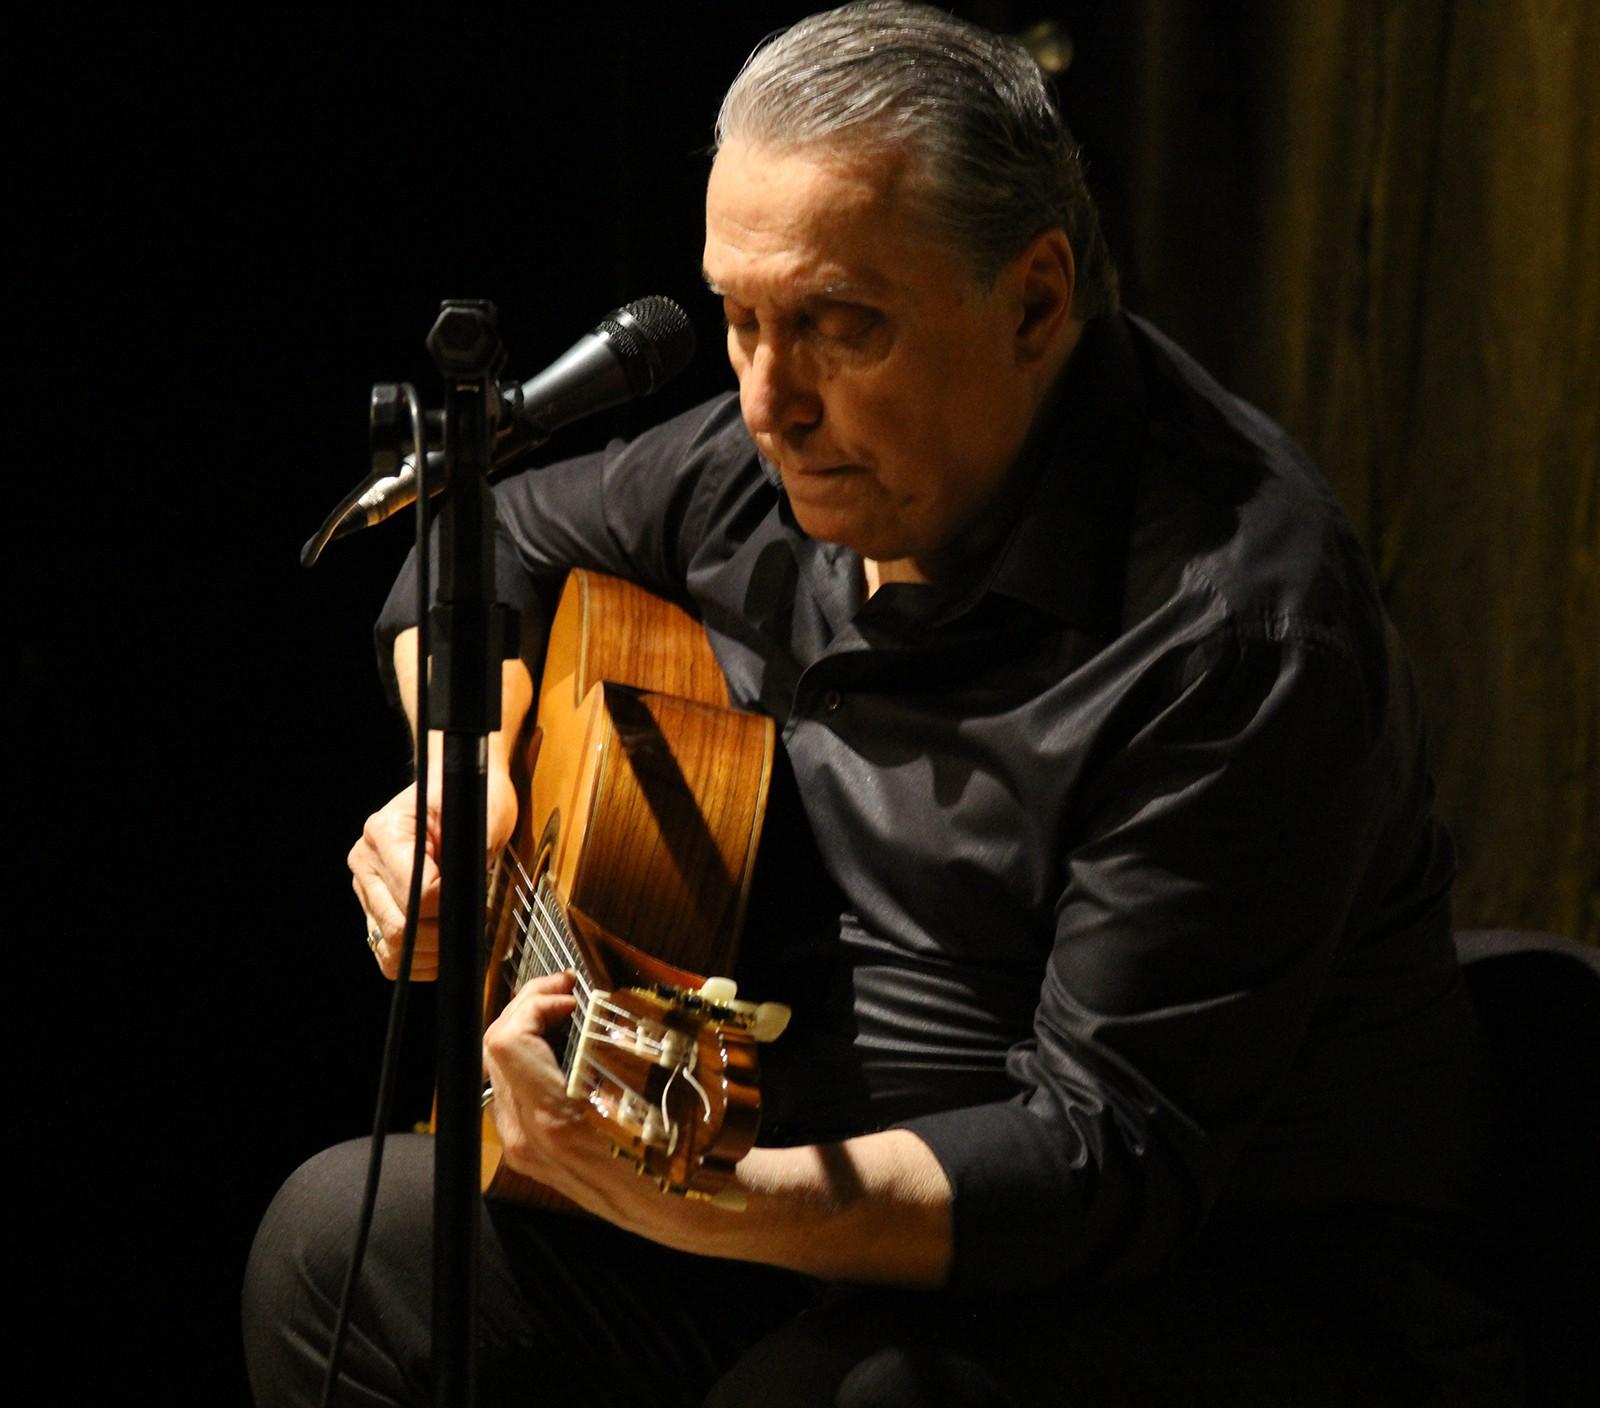 Zé Luiz Mazziotti reafirma a alta categoria vocal em disco com gravações feitas em Roma em 1992 - Notícias - Plantão Diário